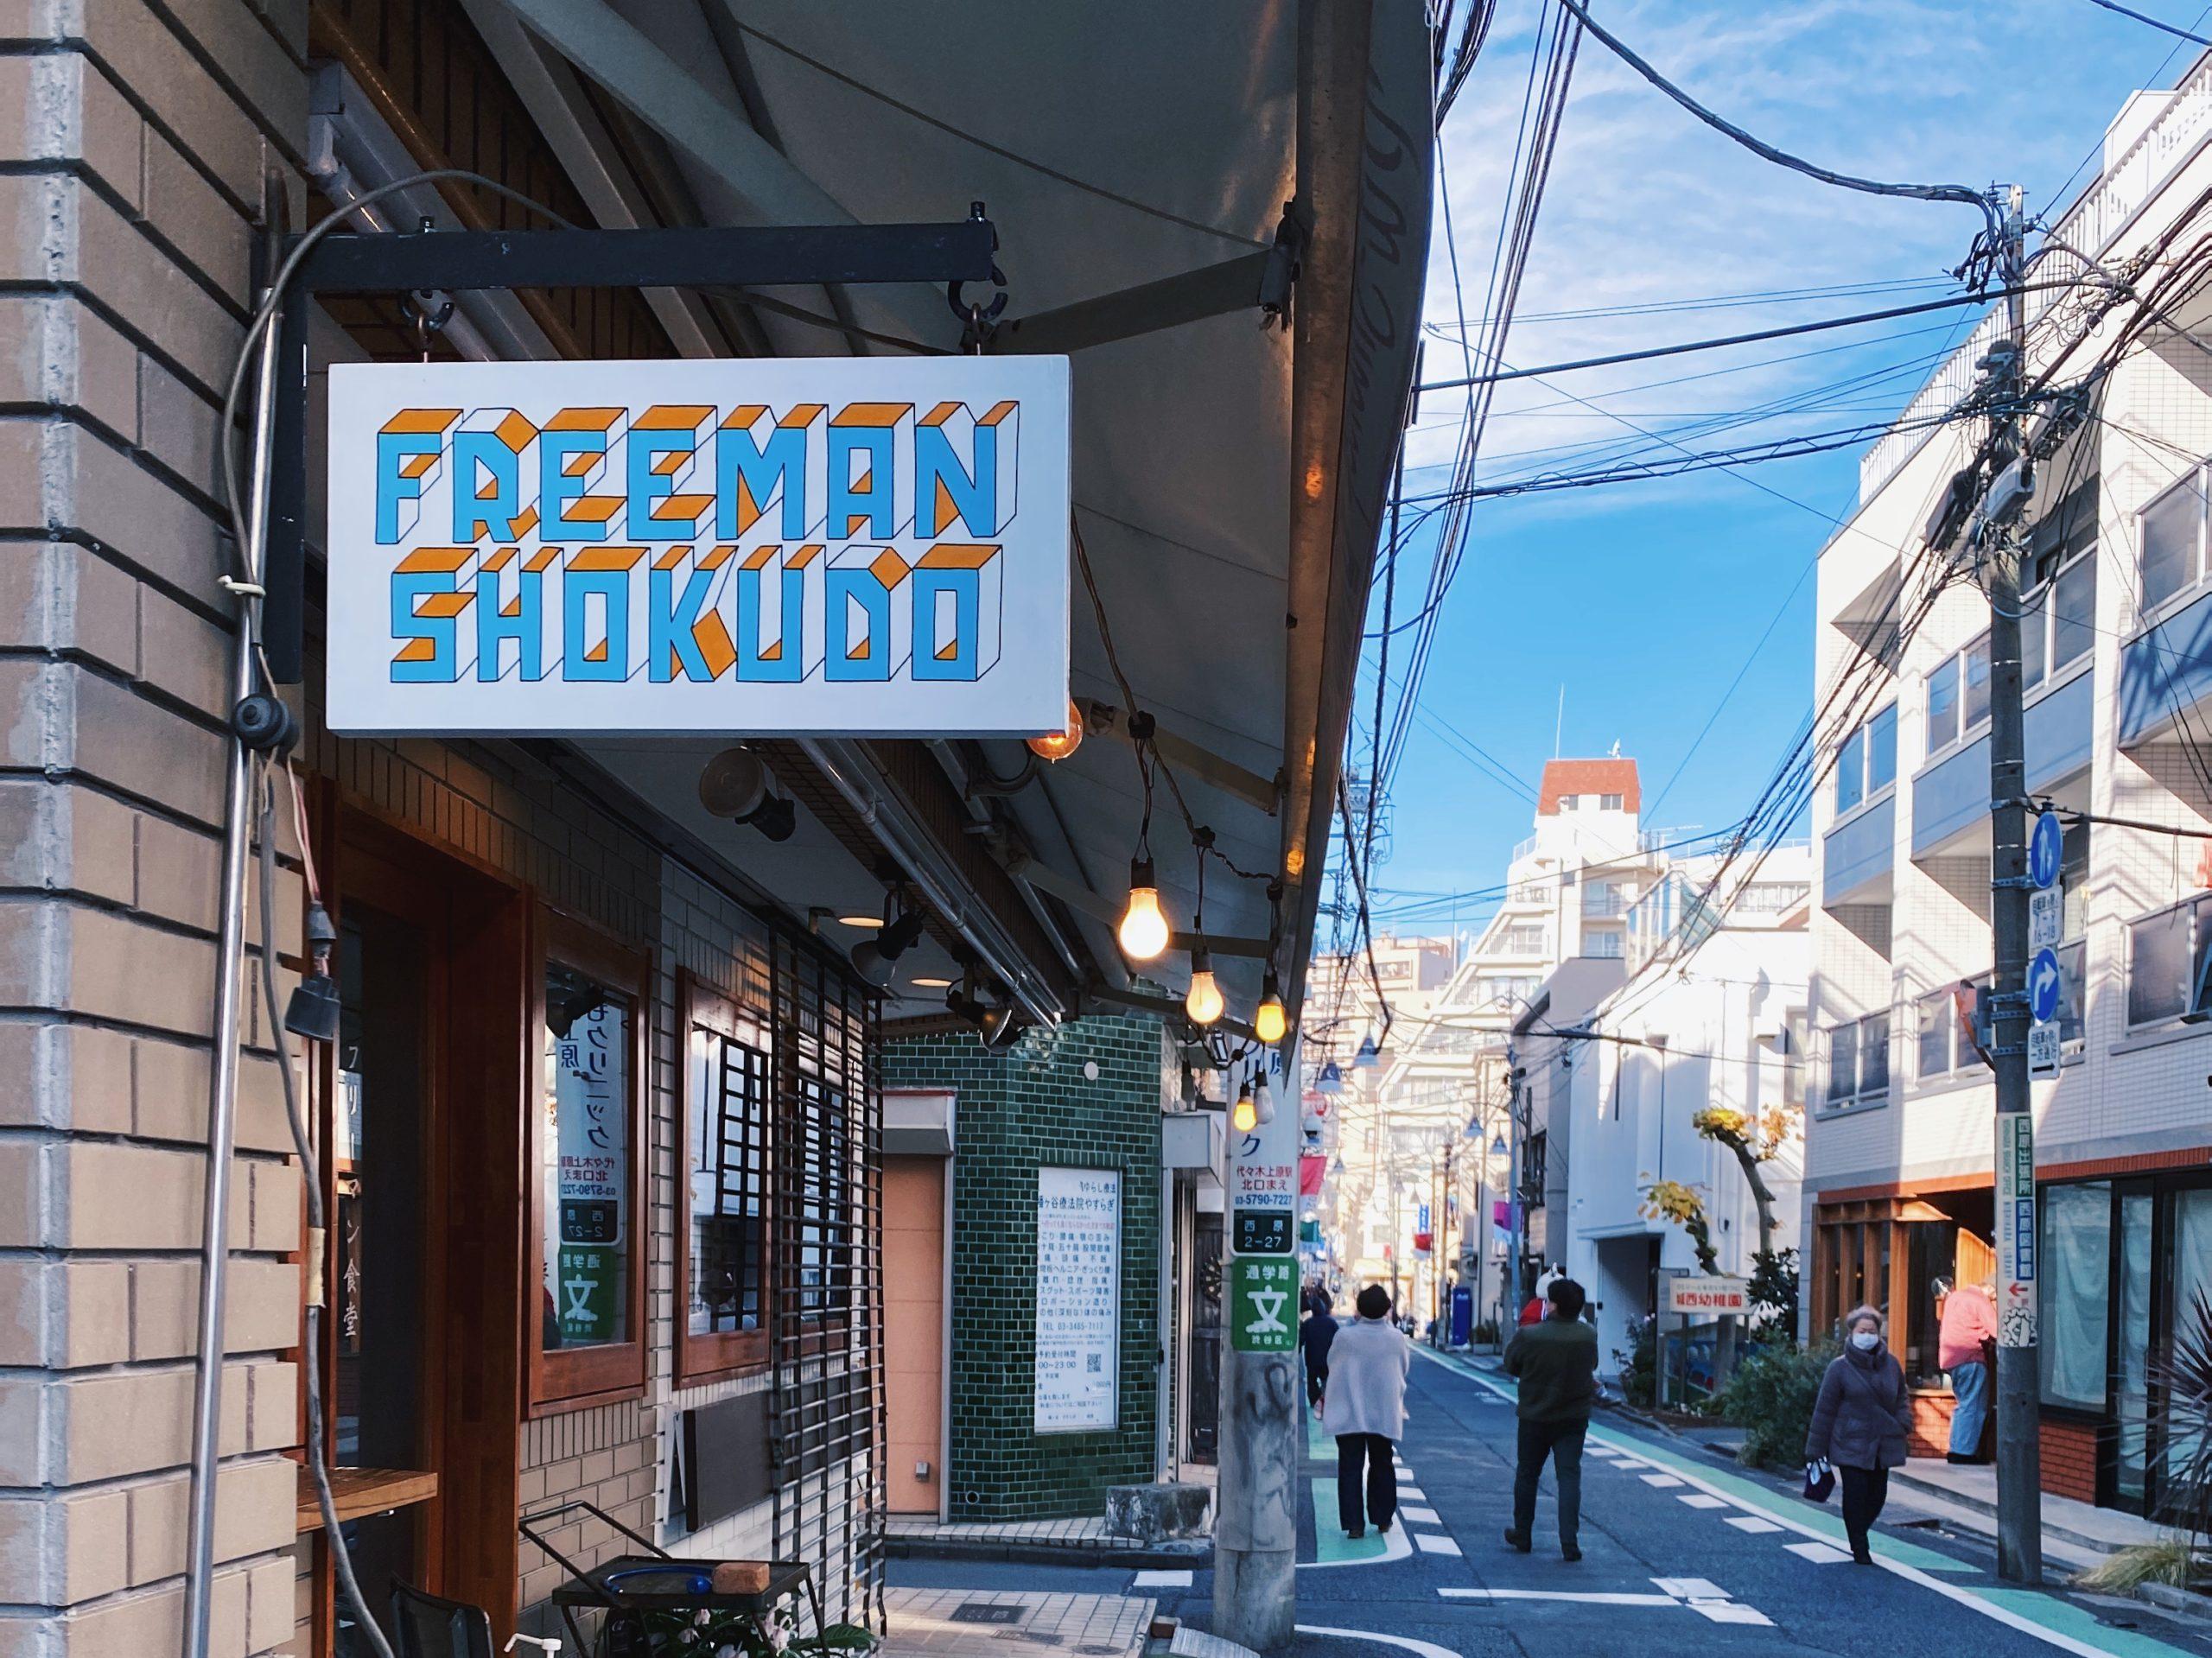 Freeman Shokudo Japanese food Shibuya Tokyo Mini Curry